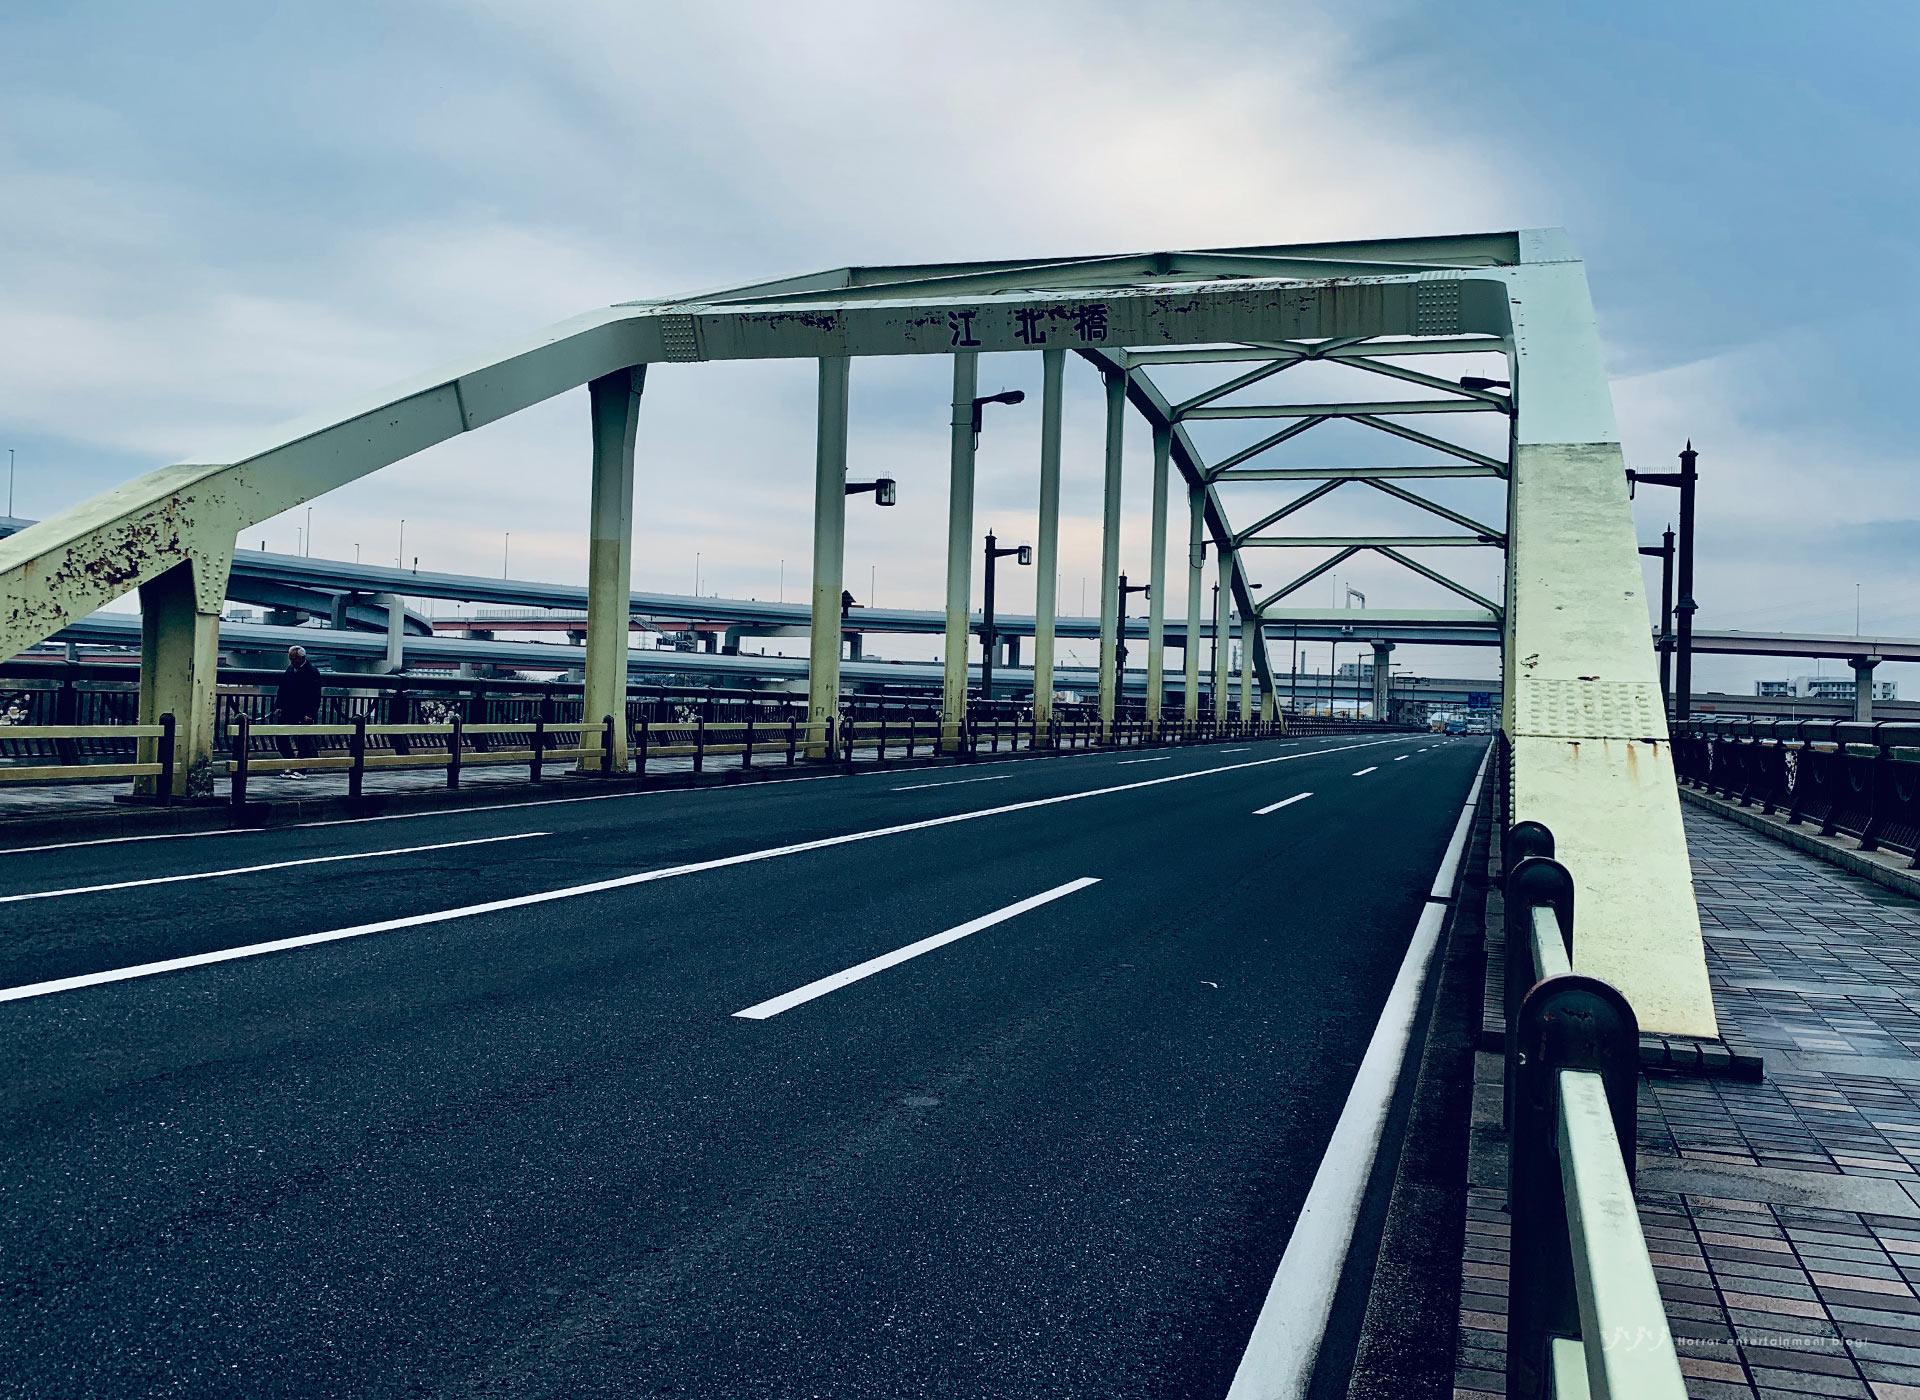 【シリーズ・心霊スポット】江北橋